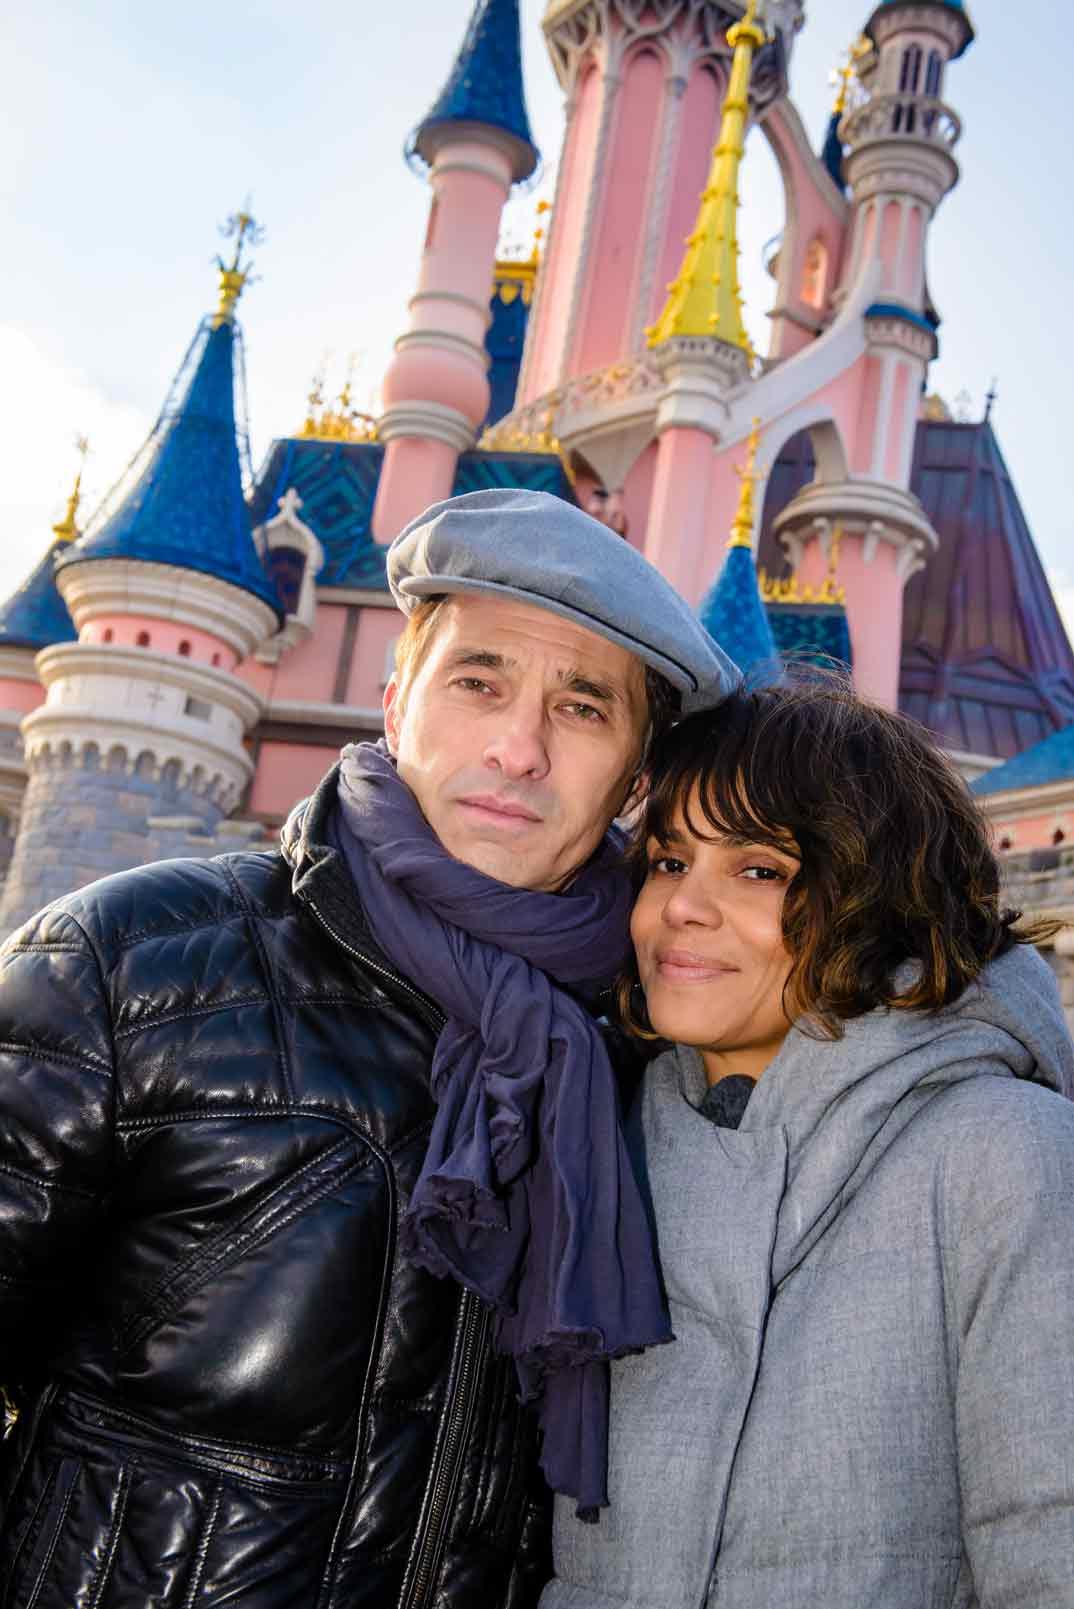 Halle Berry y Olivier Martínez, un divorcio no tan amistoso